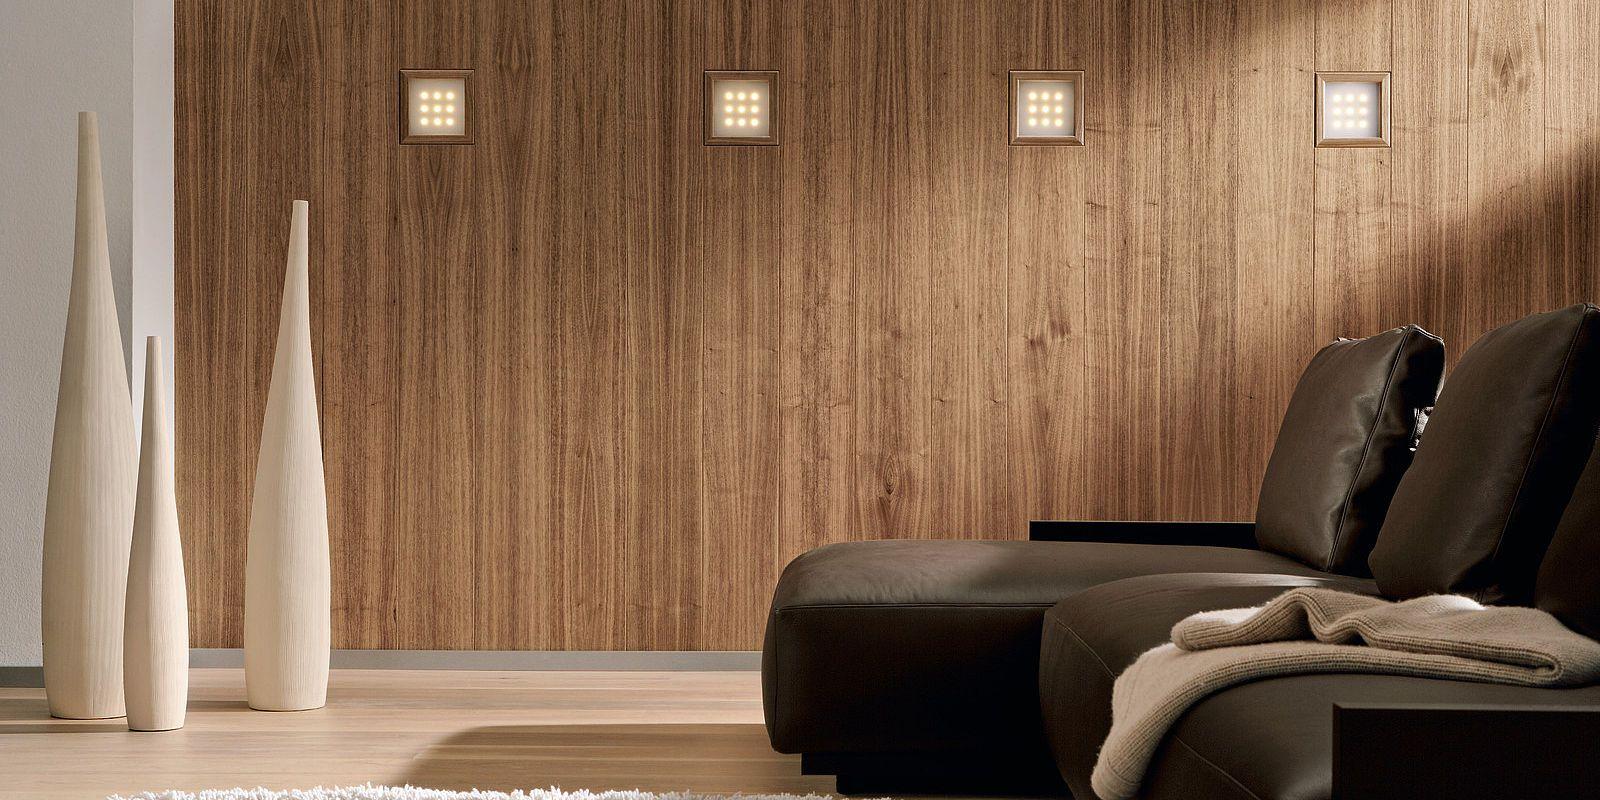 звукоизоляционные панели фото идеи